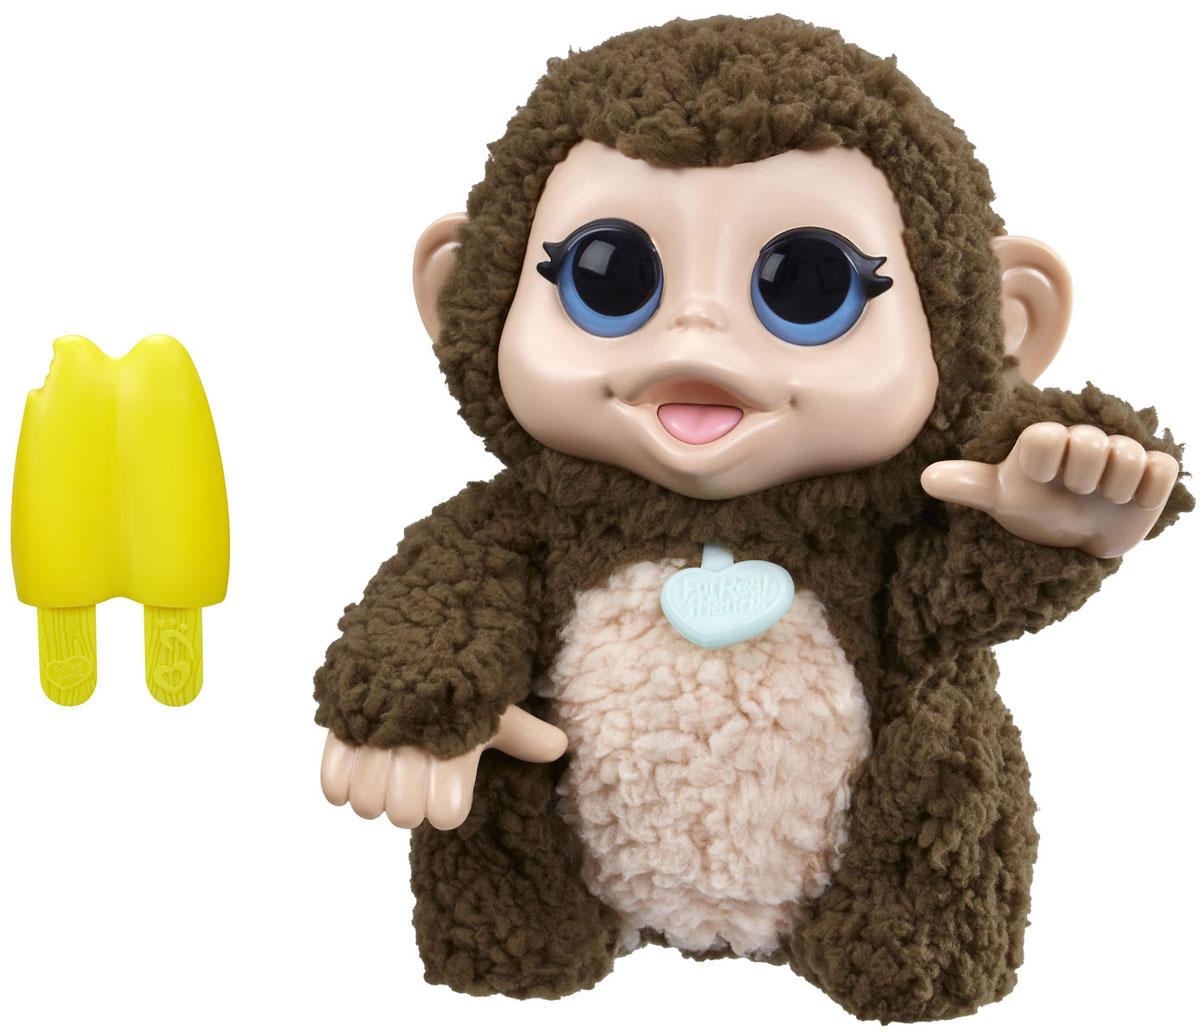 FurReal Friends Интерактивная игрушка ОбезьянаA9084_B4990Мягкая игрушка FurReal Friends Обезьяна привлечет внимание ребенка и станет для него отличным подарком. Смешливая обезьянка совсем как живая. Если обезьянку щекотать или обнимать, она станет весело и заразительно смеяться. Она двигает лапками и издает разнообразные звуки. Игрушка покрыта нежным, приятным на ощупь искусственным мехом. В комплект входит лакомство-игрушка для питомца в виде мороженого. С обезьянкой-хохотушкой скучно никогда не будет! Рекомендуется докупить 3 батарейки типа LR44 (товар комплектуется демонстрационными).